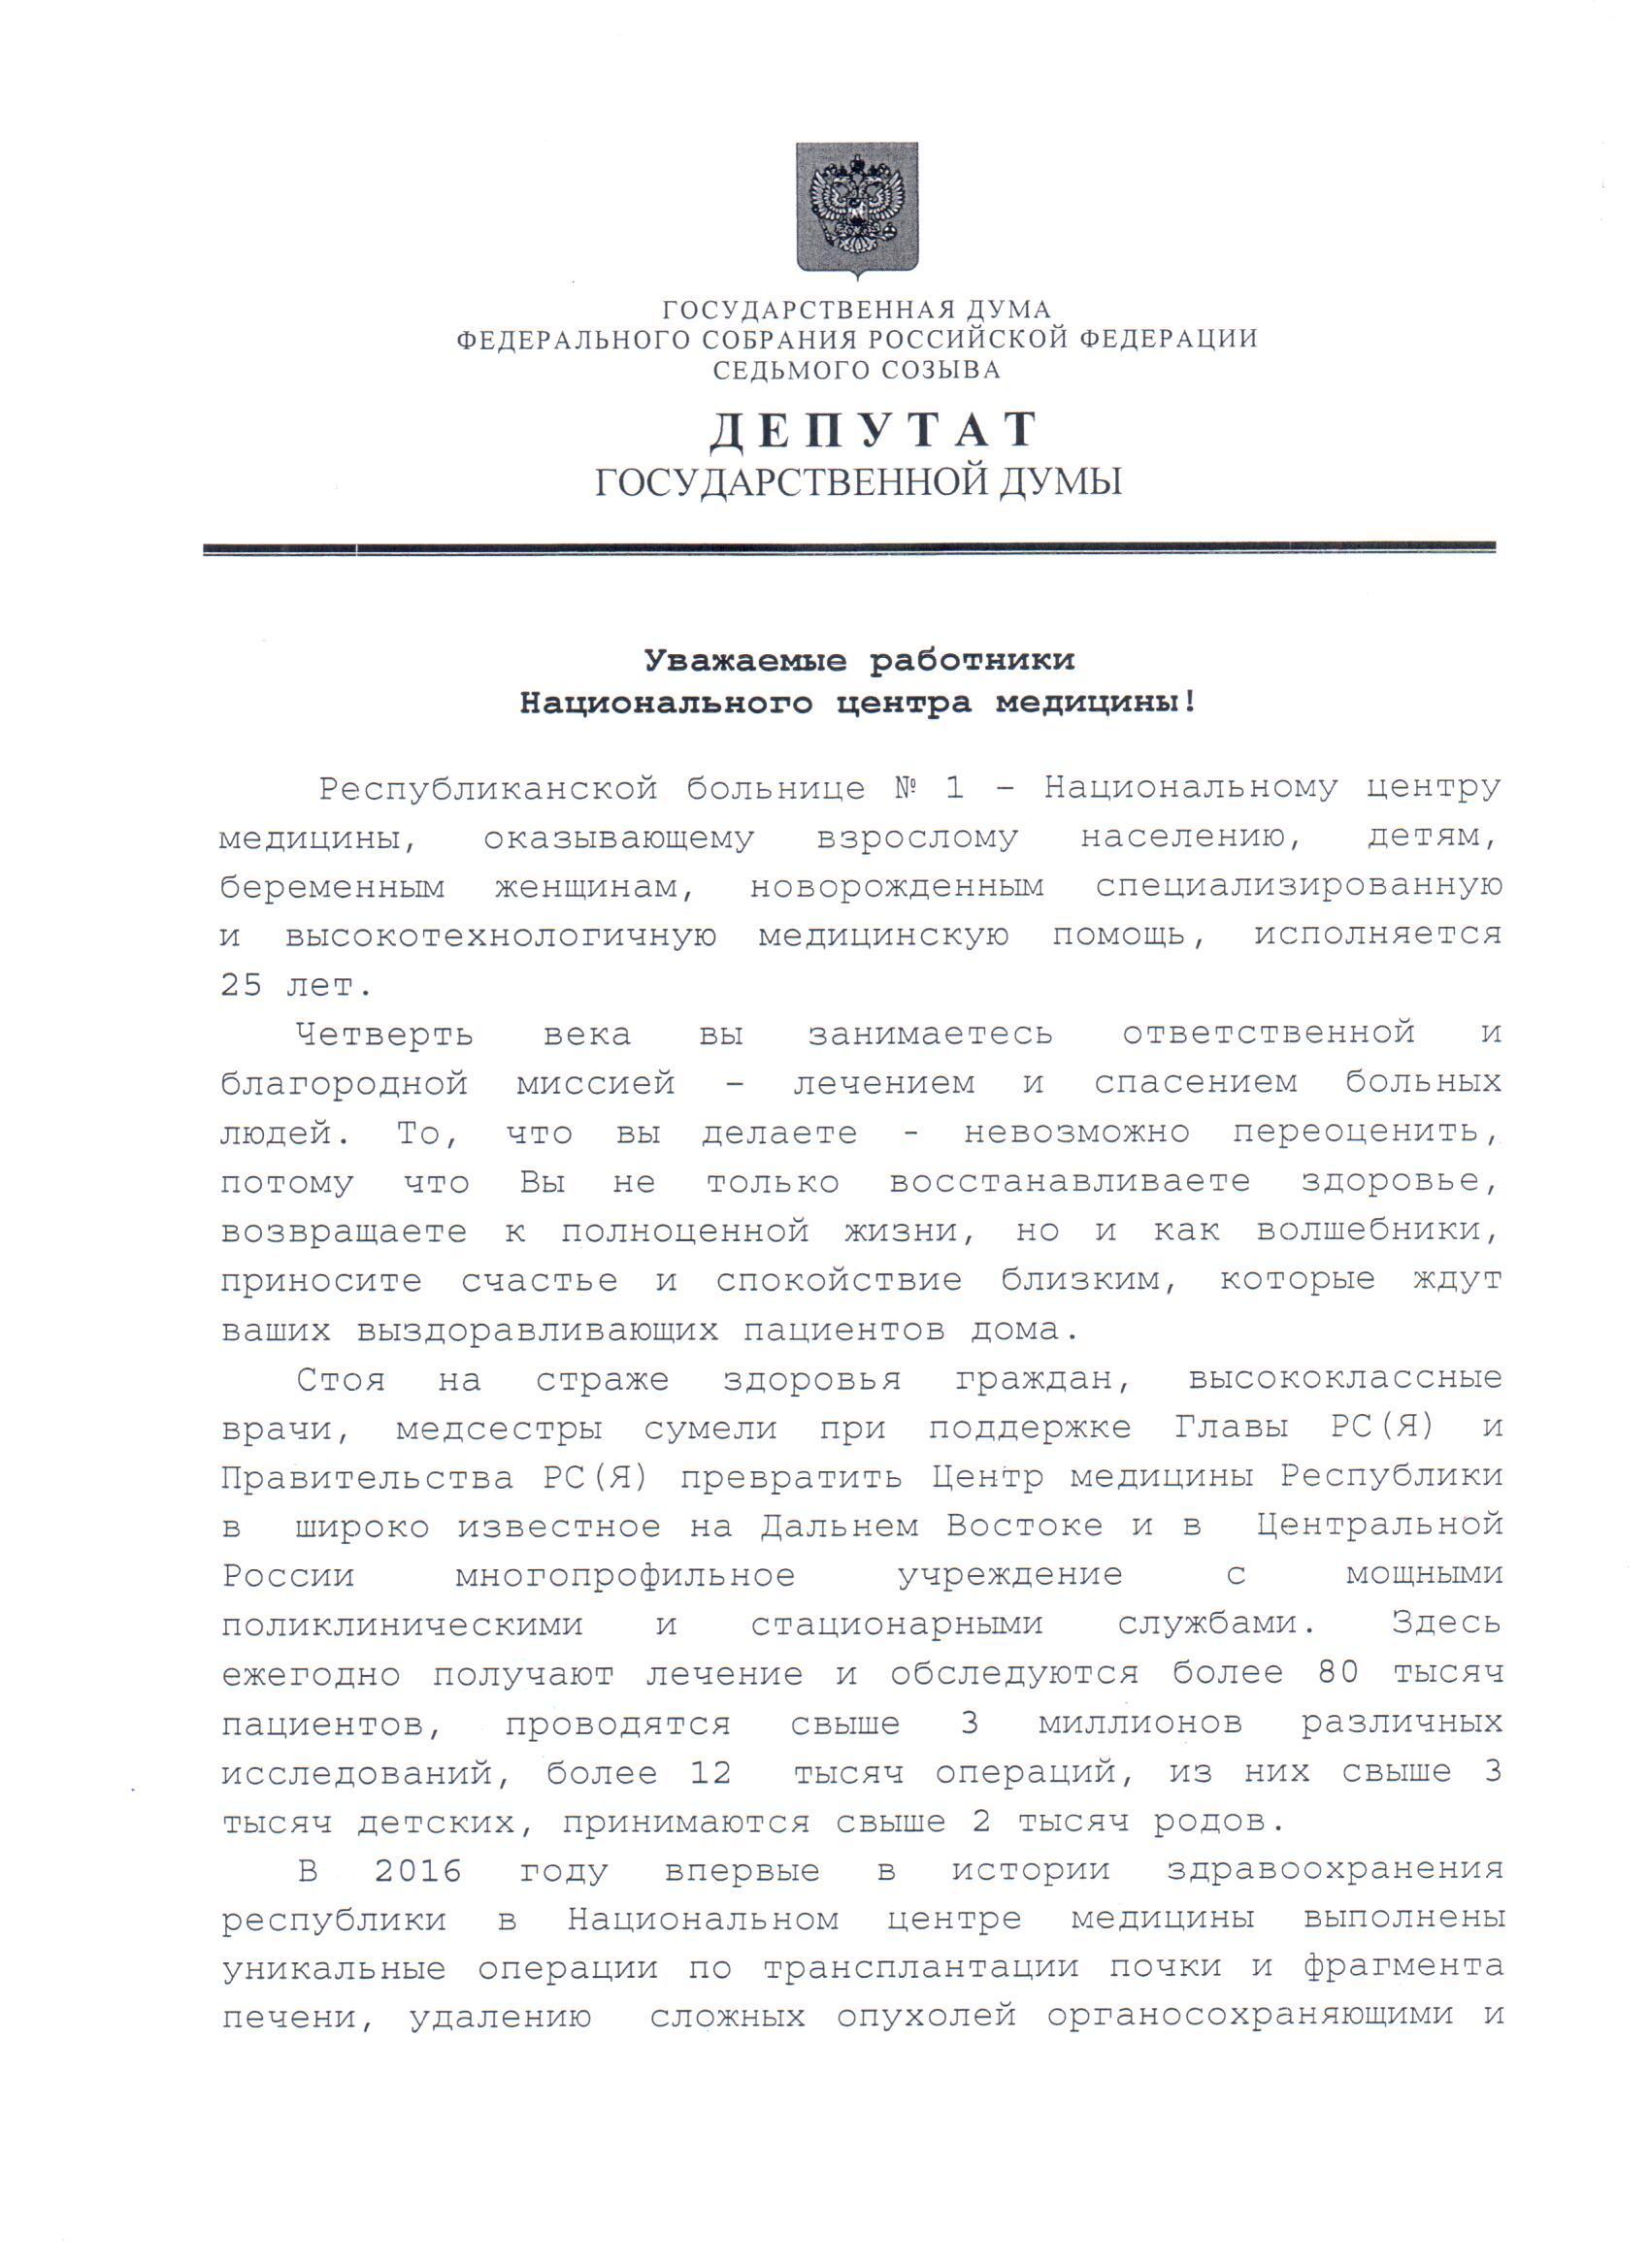 Поликлиника 16 новосибирск запись